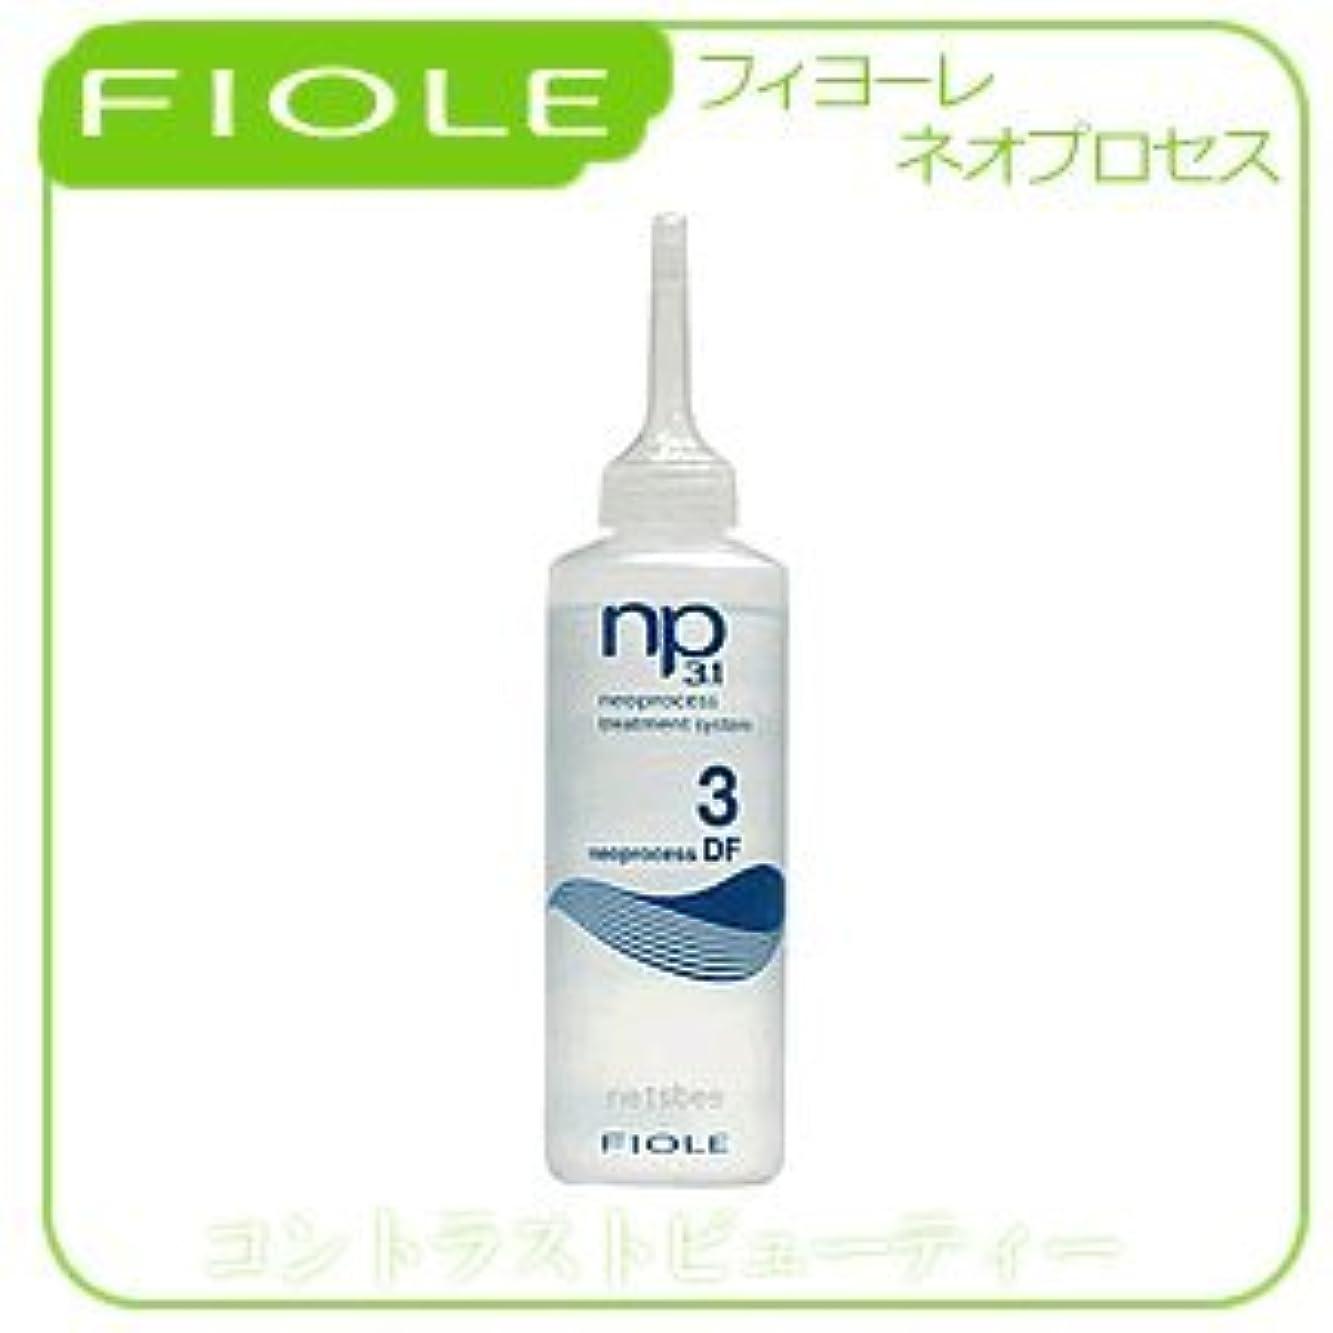 実際写真の通信する【X5個セット】 フィヨーレ NP3.1 ネオプロセス DF3 130ml FIOLE ネオプロセス